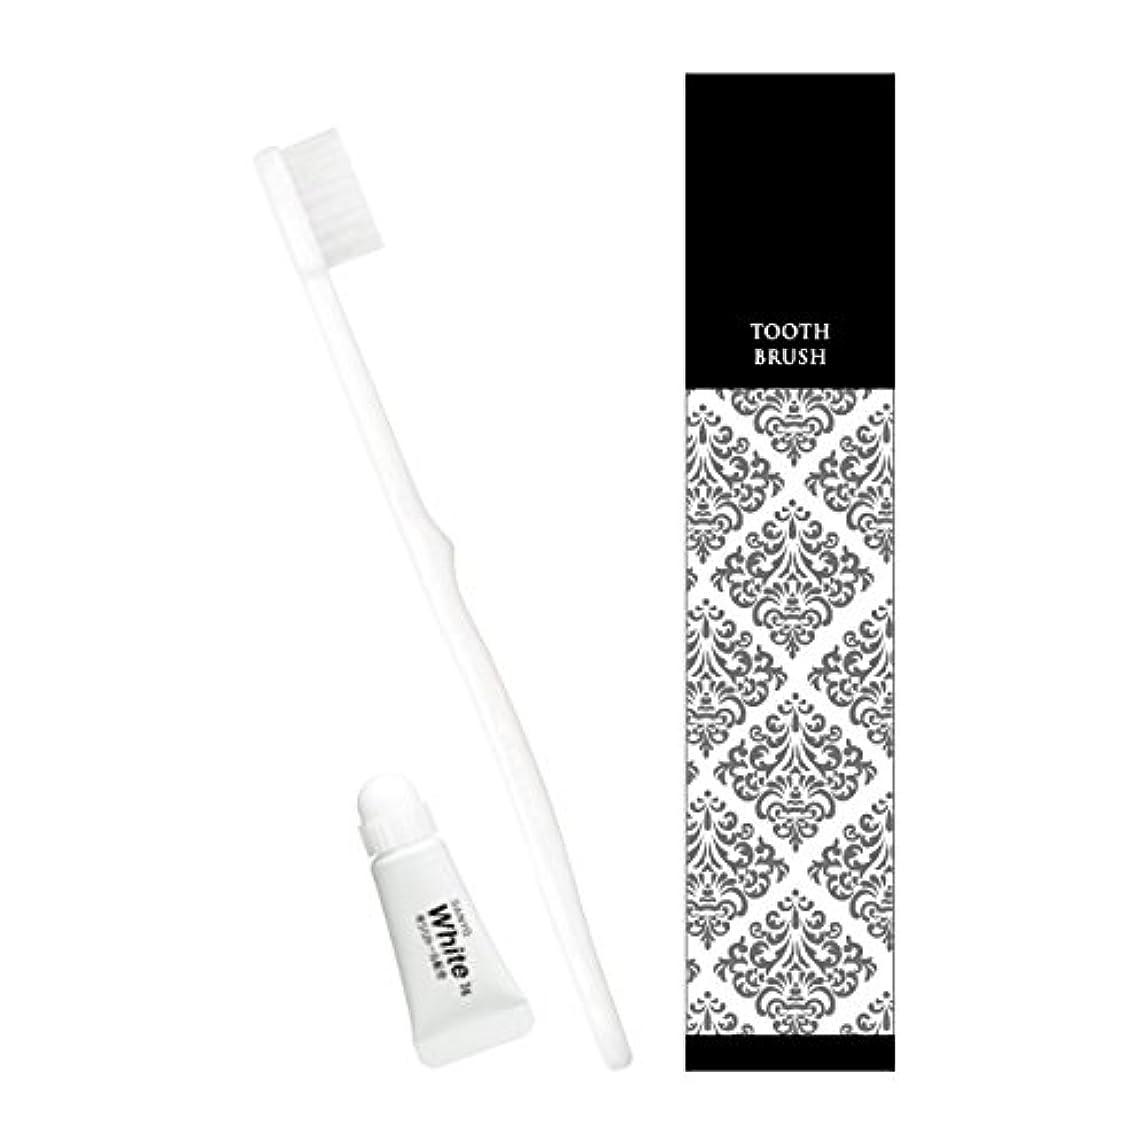 素晴らしき温室品揃えピエンタ ホテル業務用ハブラシ(白)28穴 3gチューブ付 500本